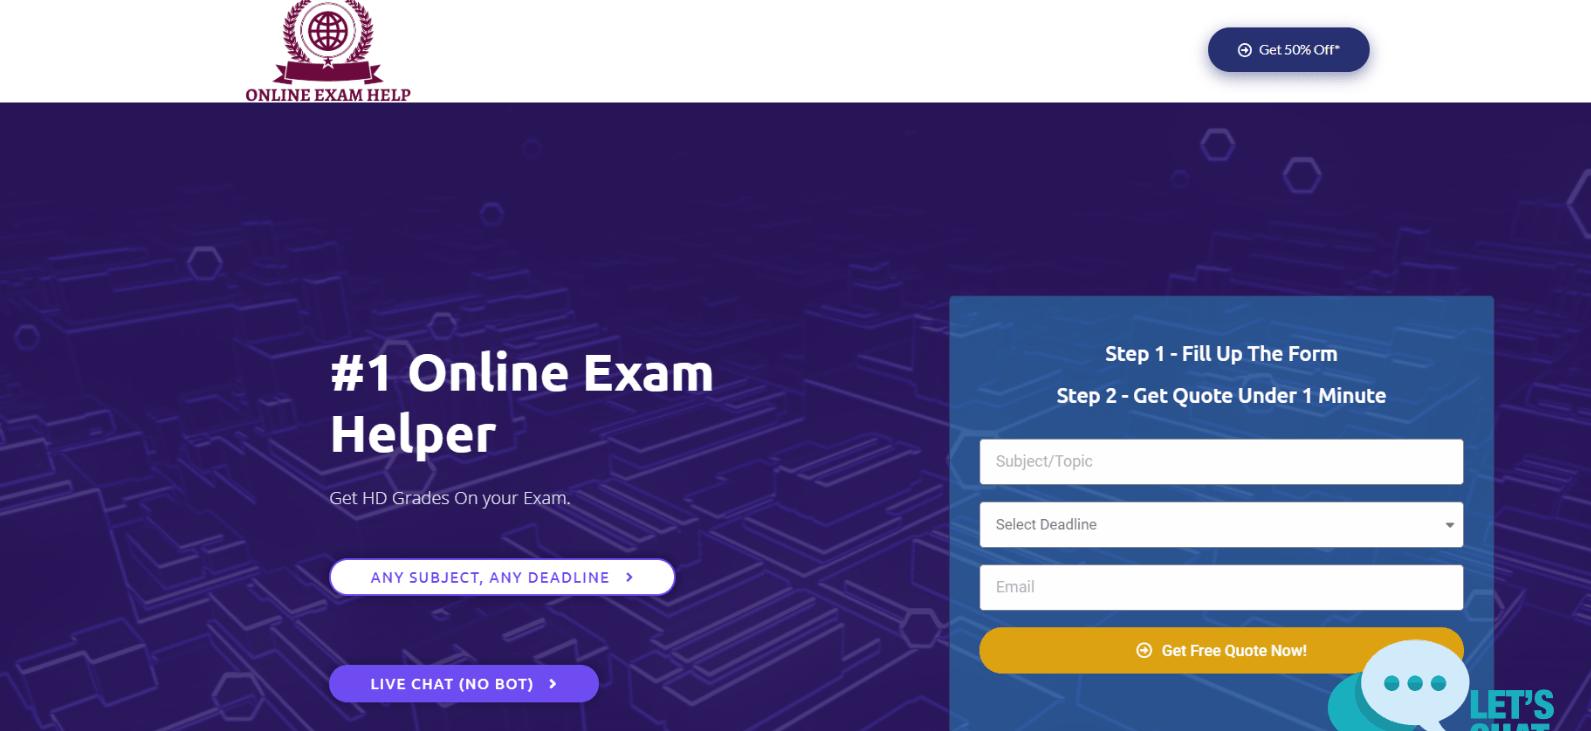 onlineexamshelp.com